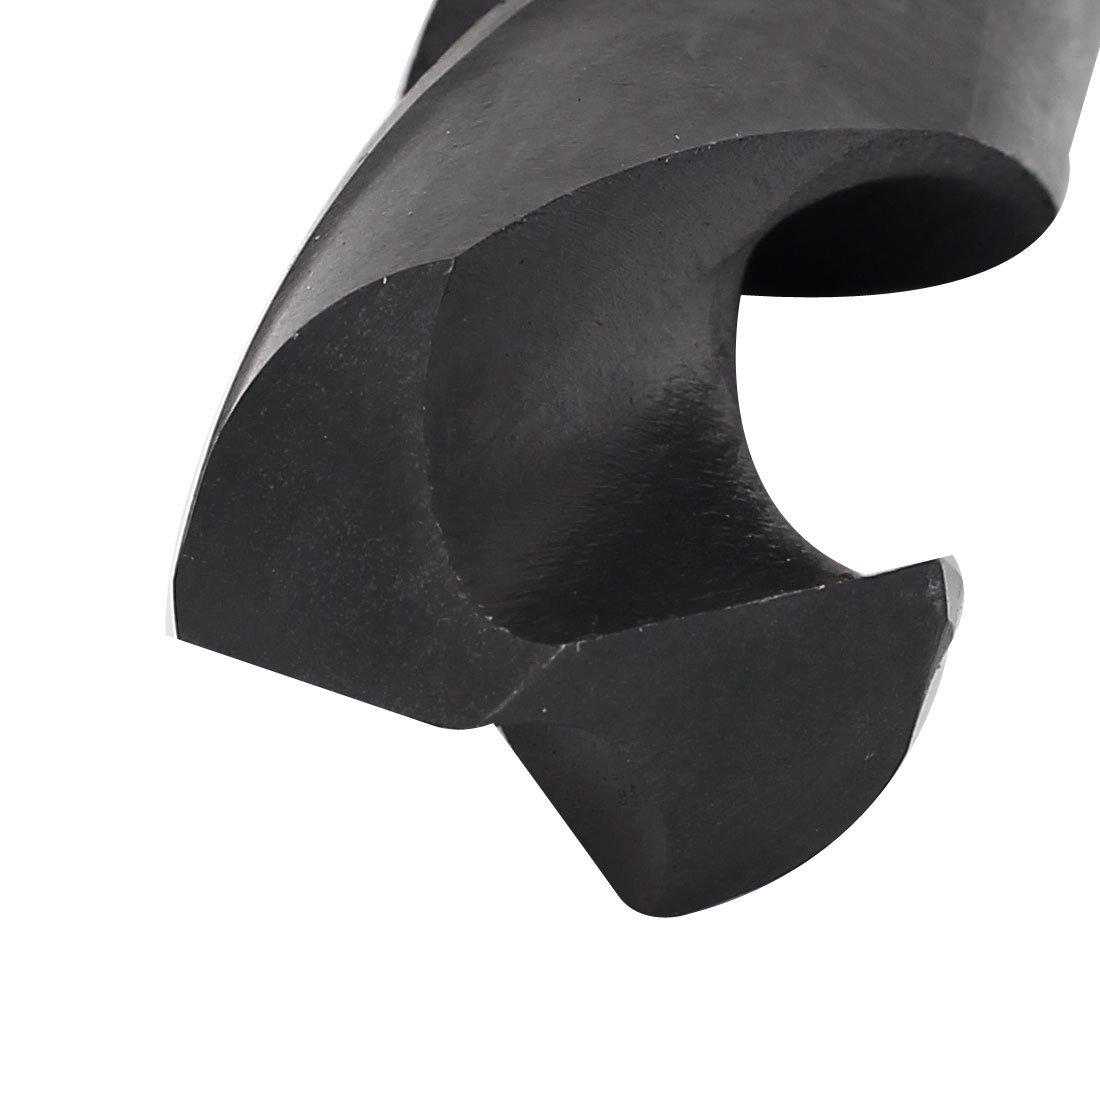 uxcell 29.5mm Cutting Diameter 1//2-inch Straight Shank HSS 6542 Twist Drill Bit Black